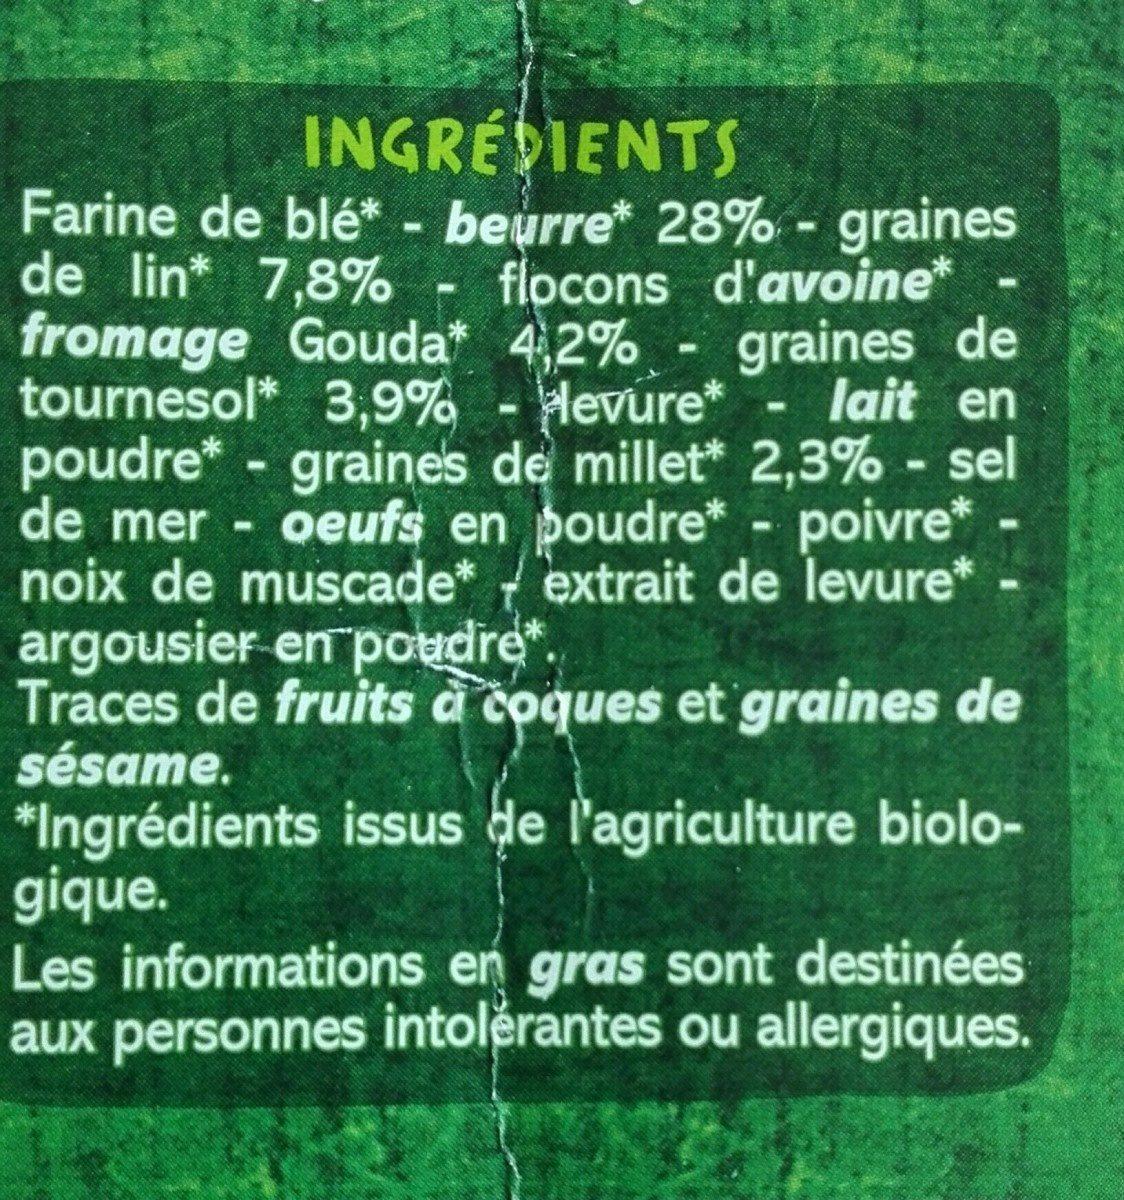 Biscuits salés graines et gouda - Ingrediënten